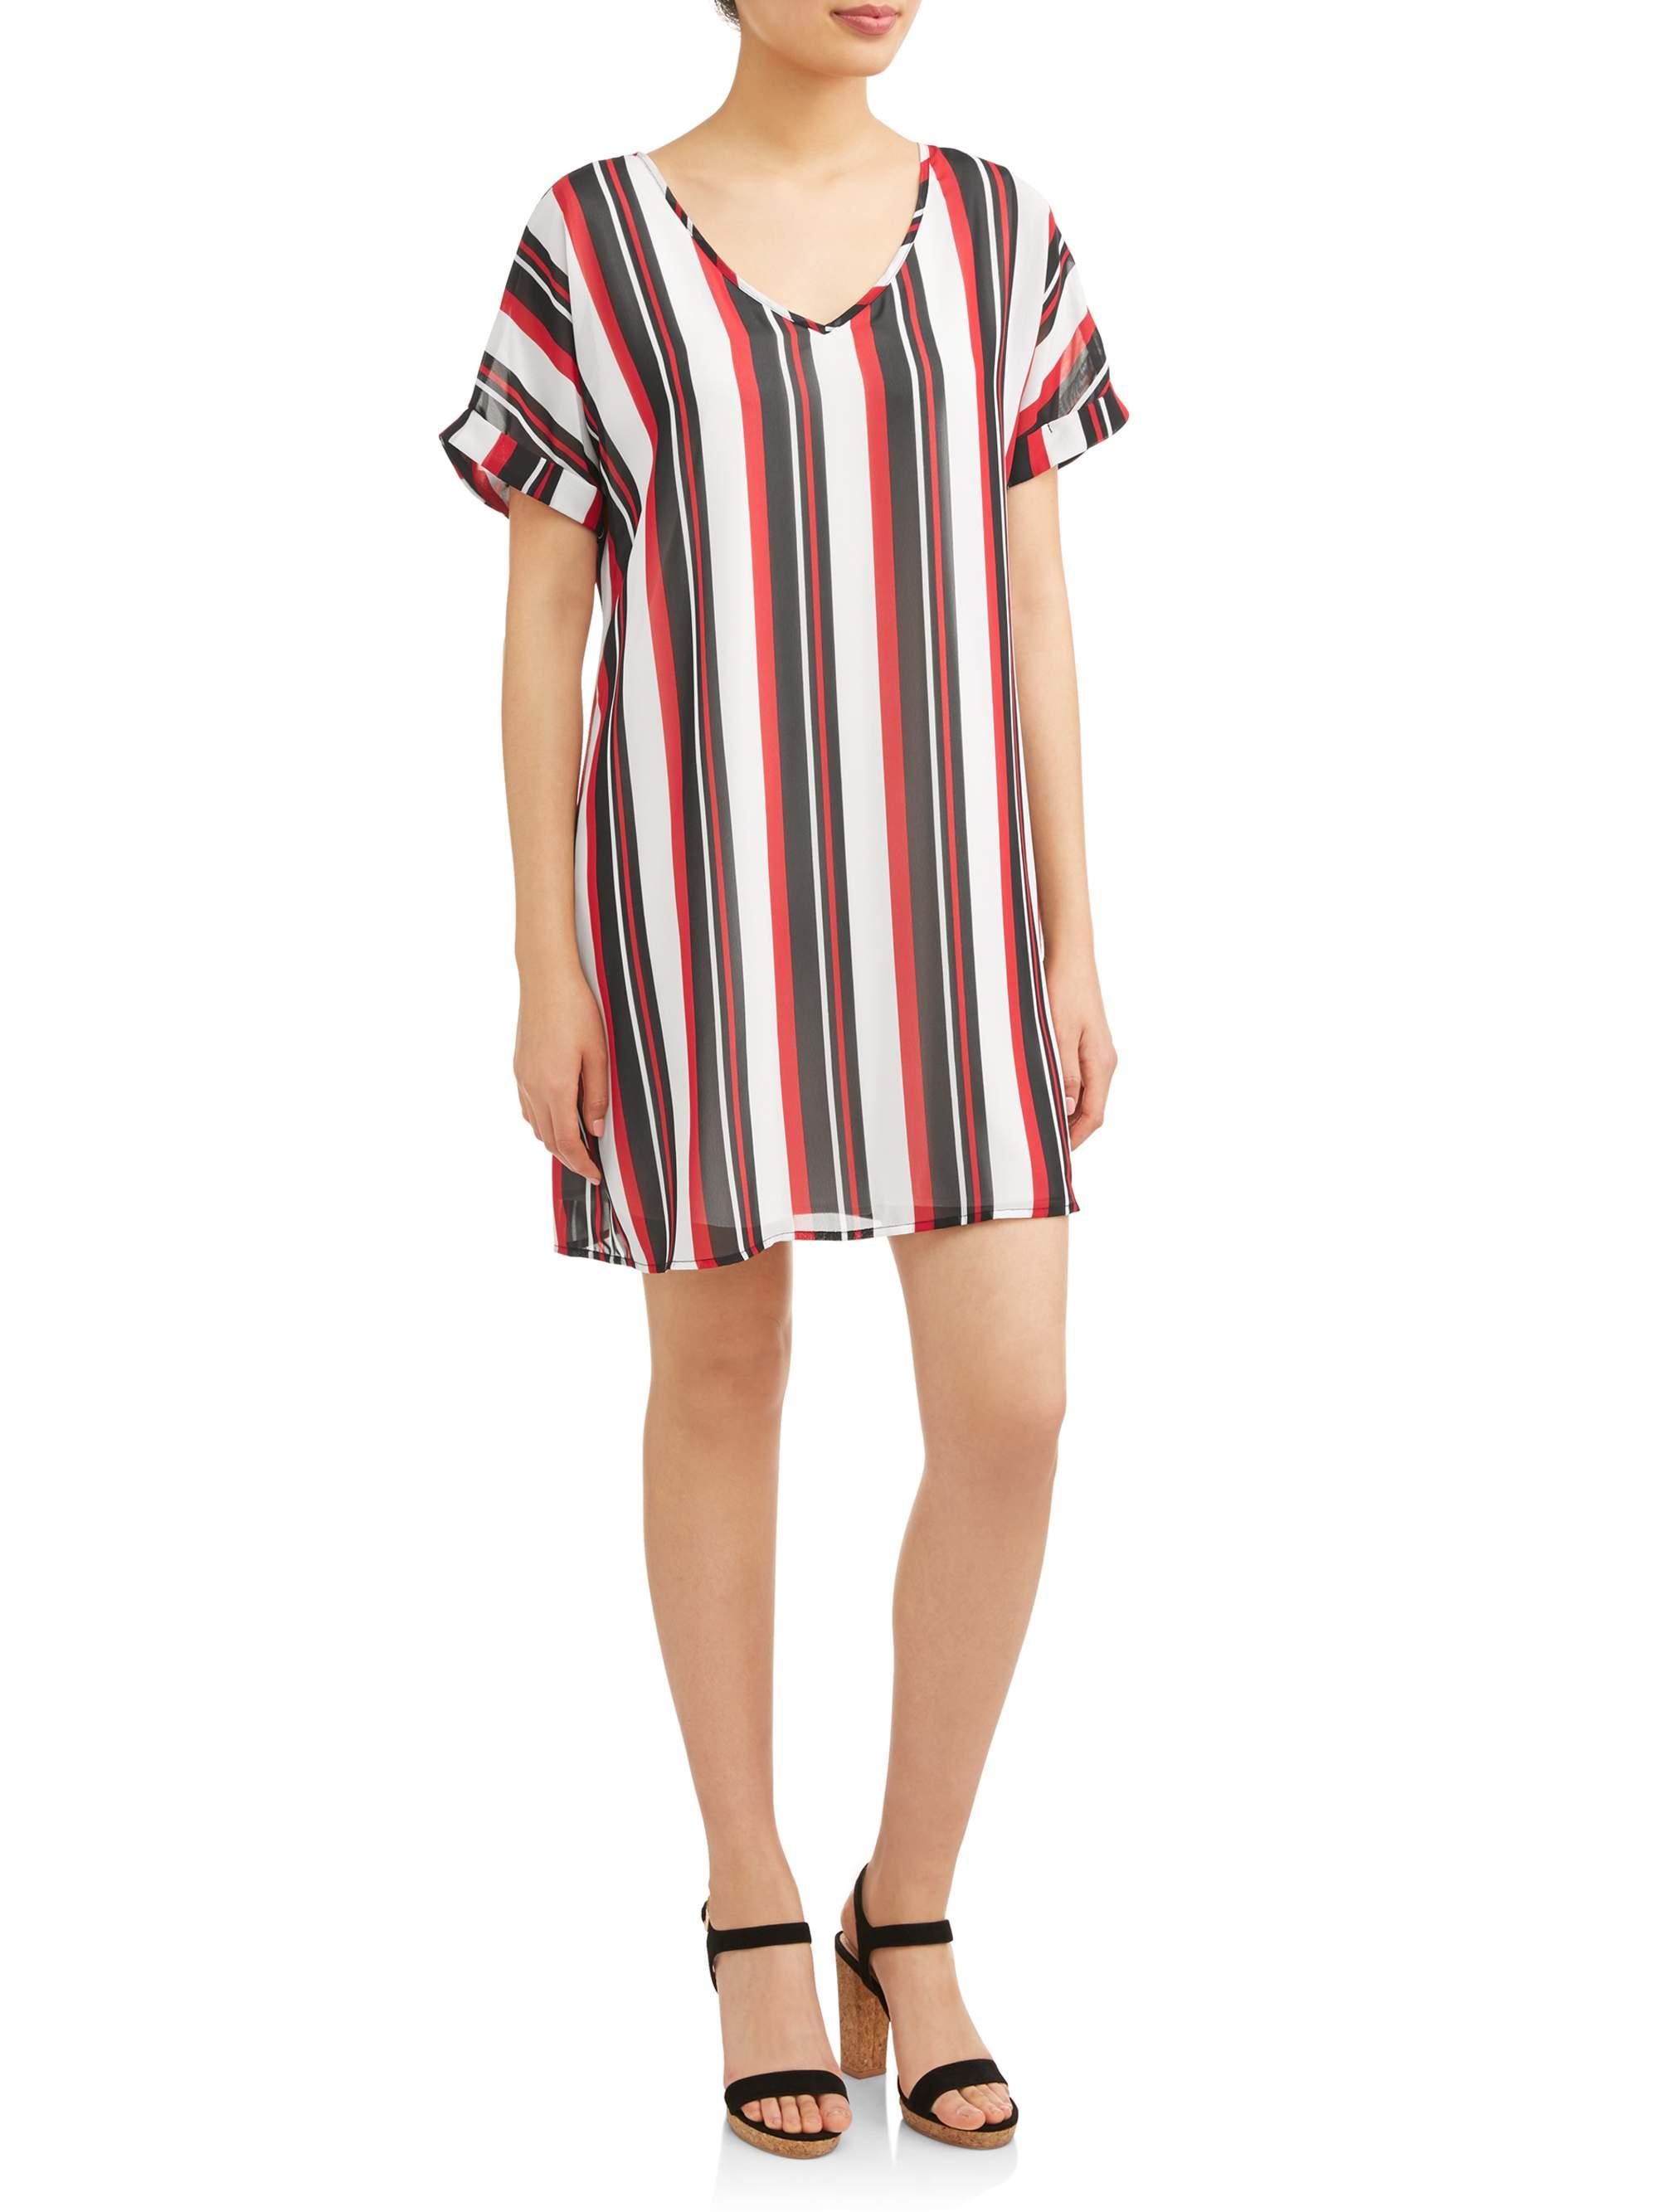 Juniors' Striped Short Sleeve Dress